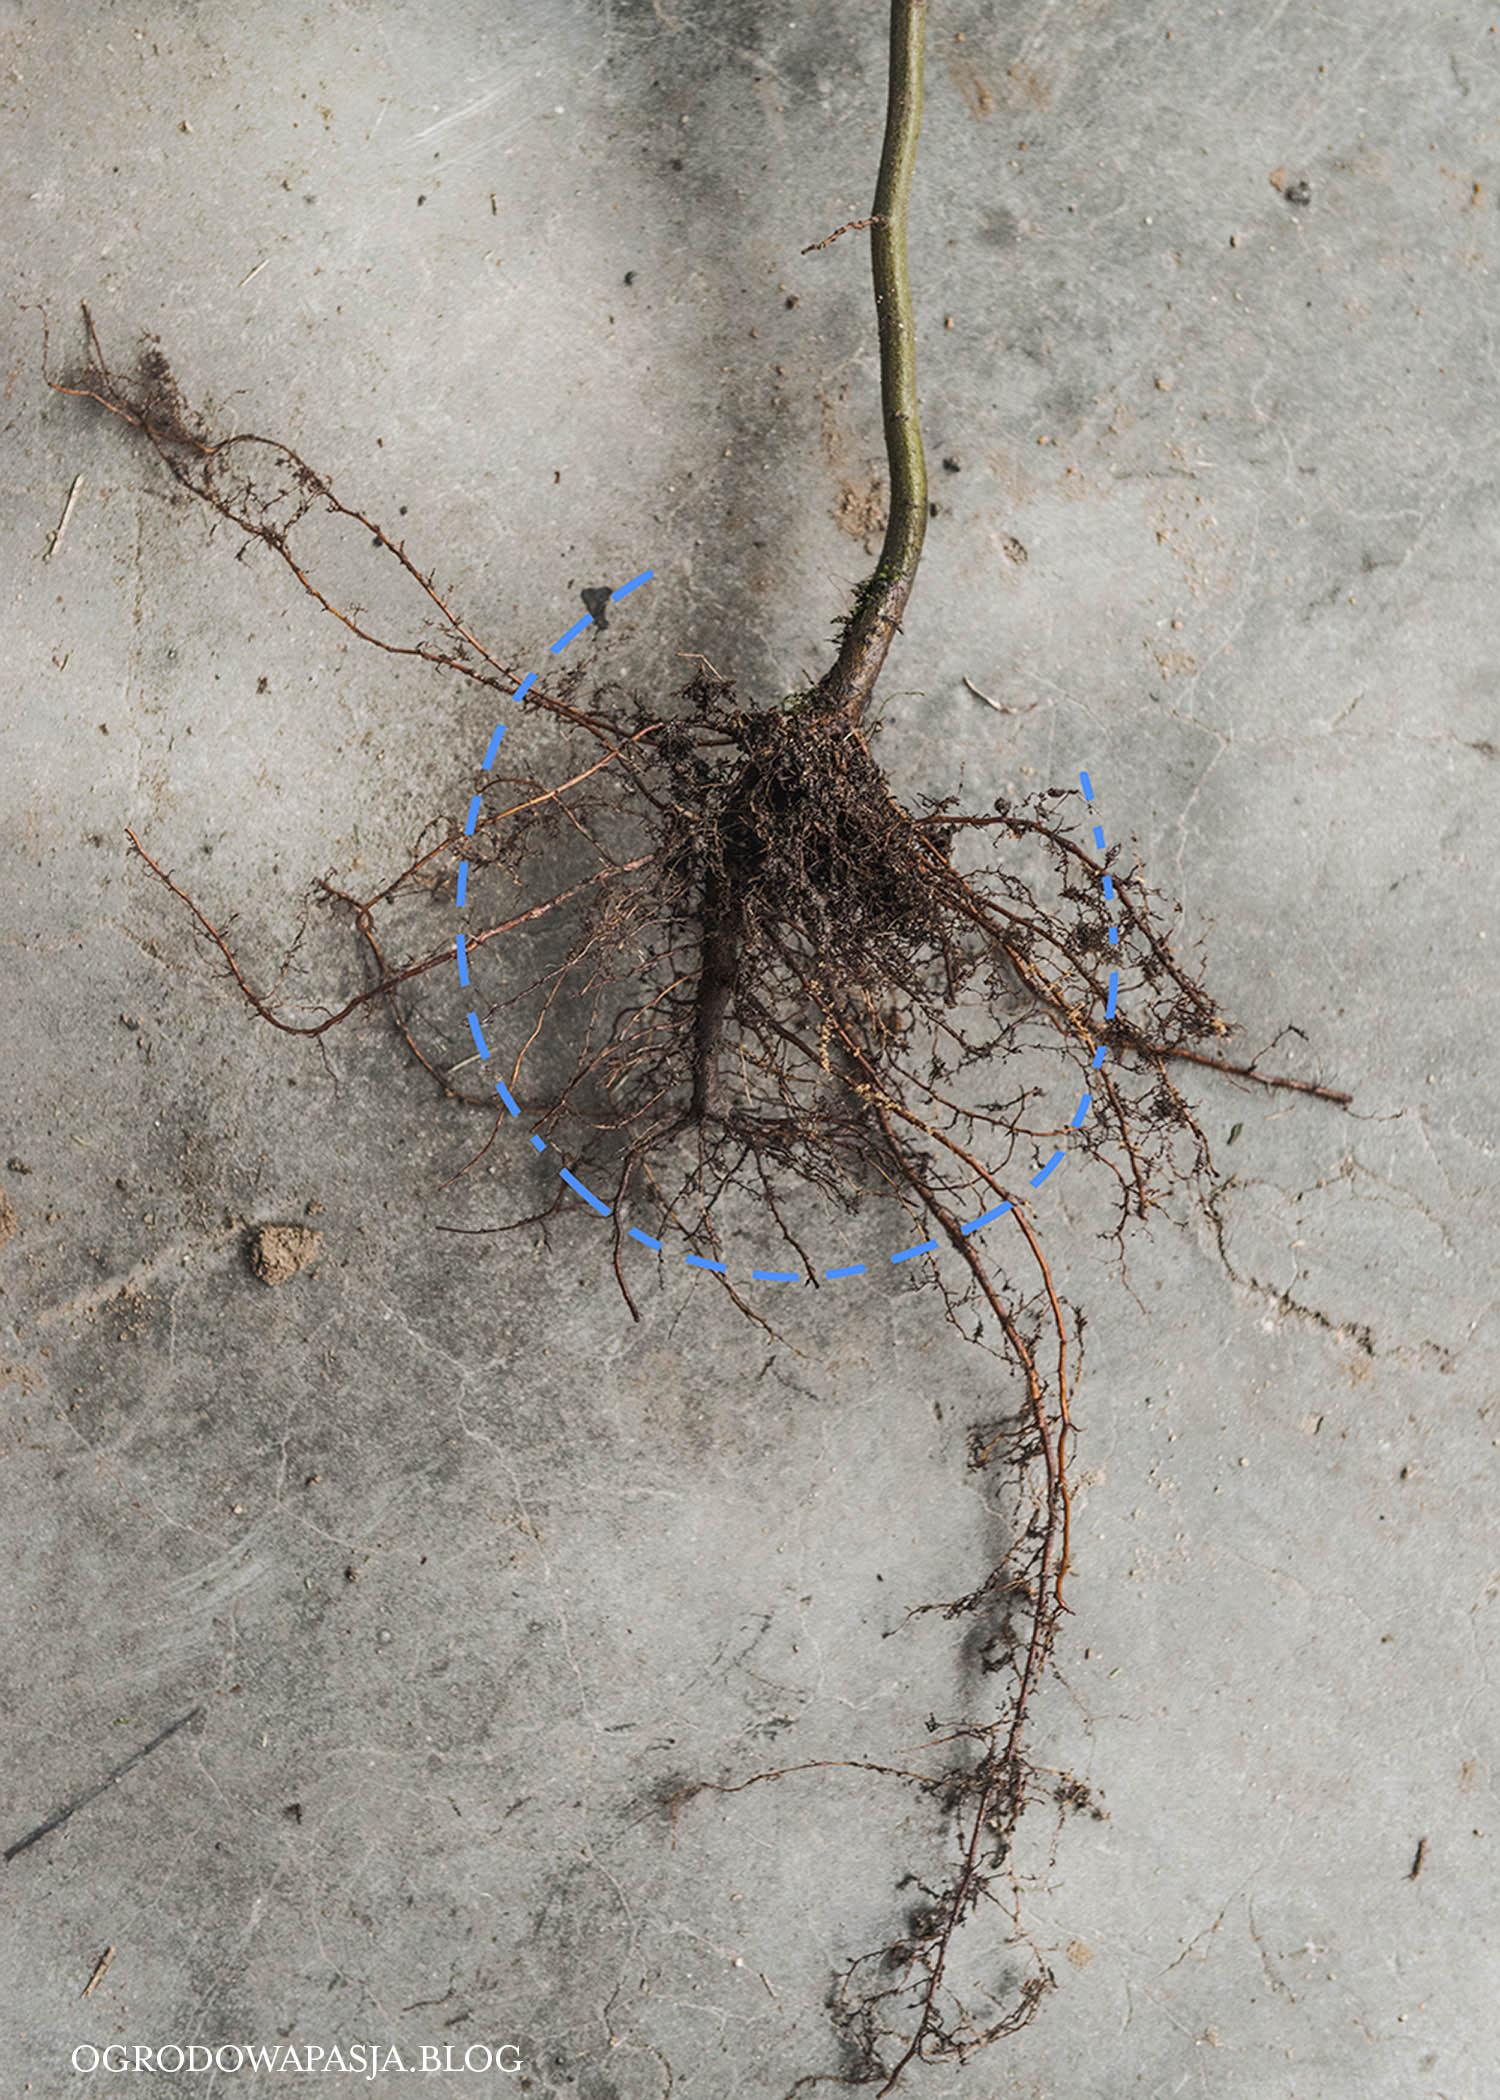 żywopłot z grabu sadzenie